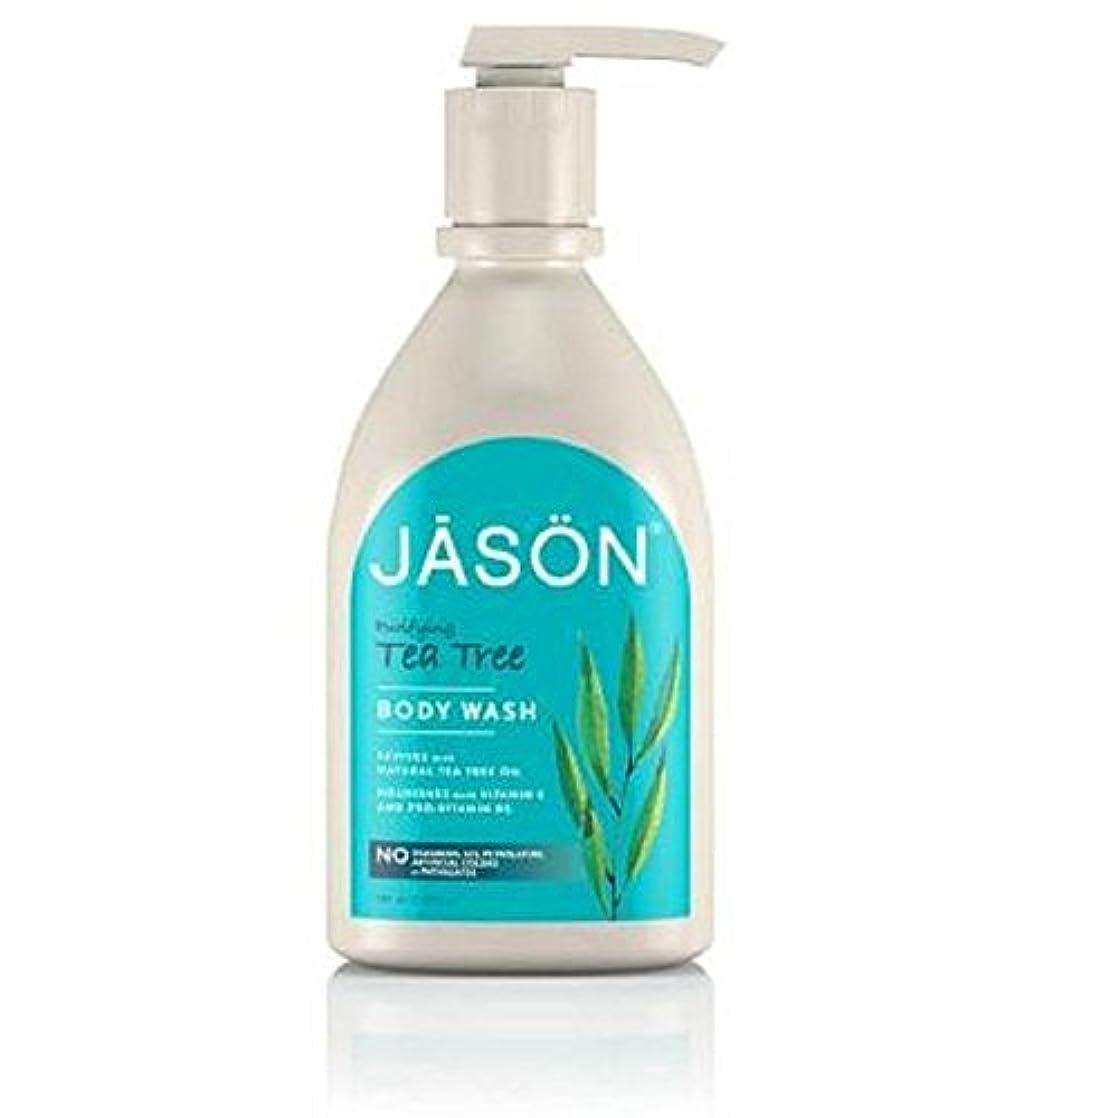 フィードバック回転する自由ジェイソン?ティーツリーサテンボディウォッシュポンプ900ミリリットル x2 - Jason Tea Tree Satin Body Wash Pump 900ml (Pack of 2) [並行輸入品]